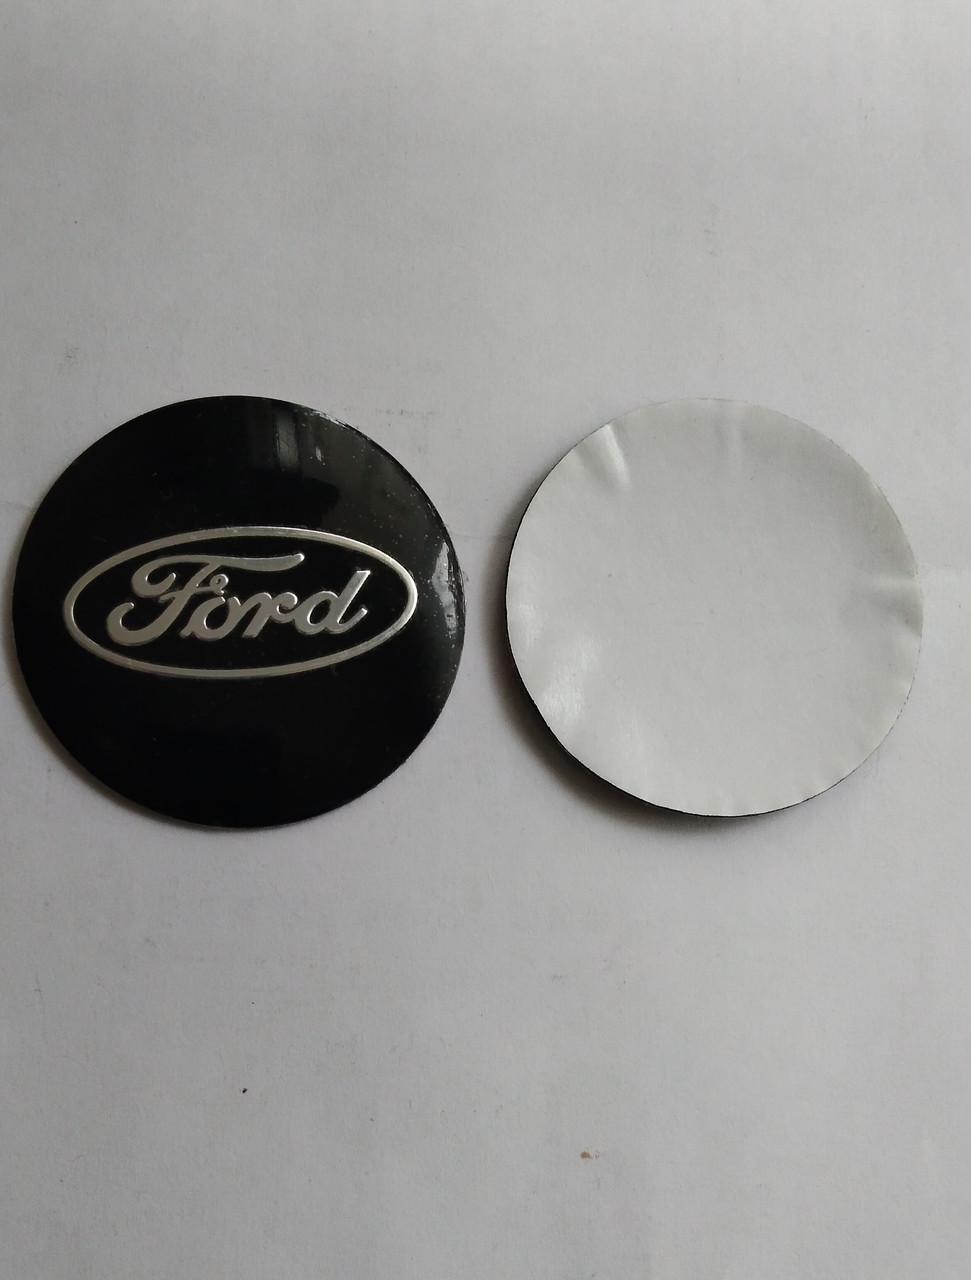 Наклейки Ford черные 56 мм для колесных колпачков в легкосплавные диски